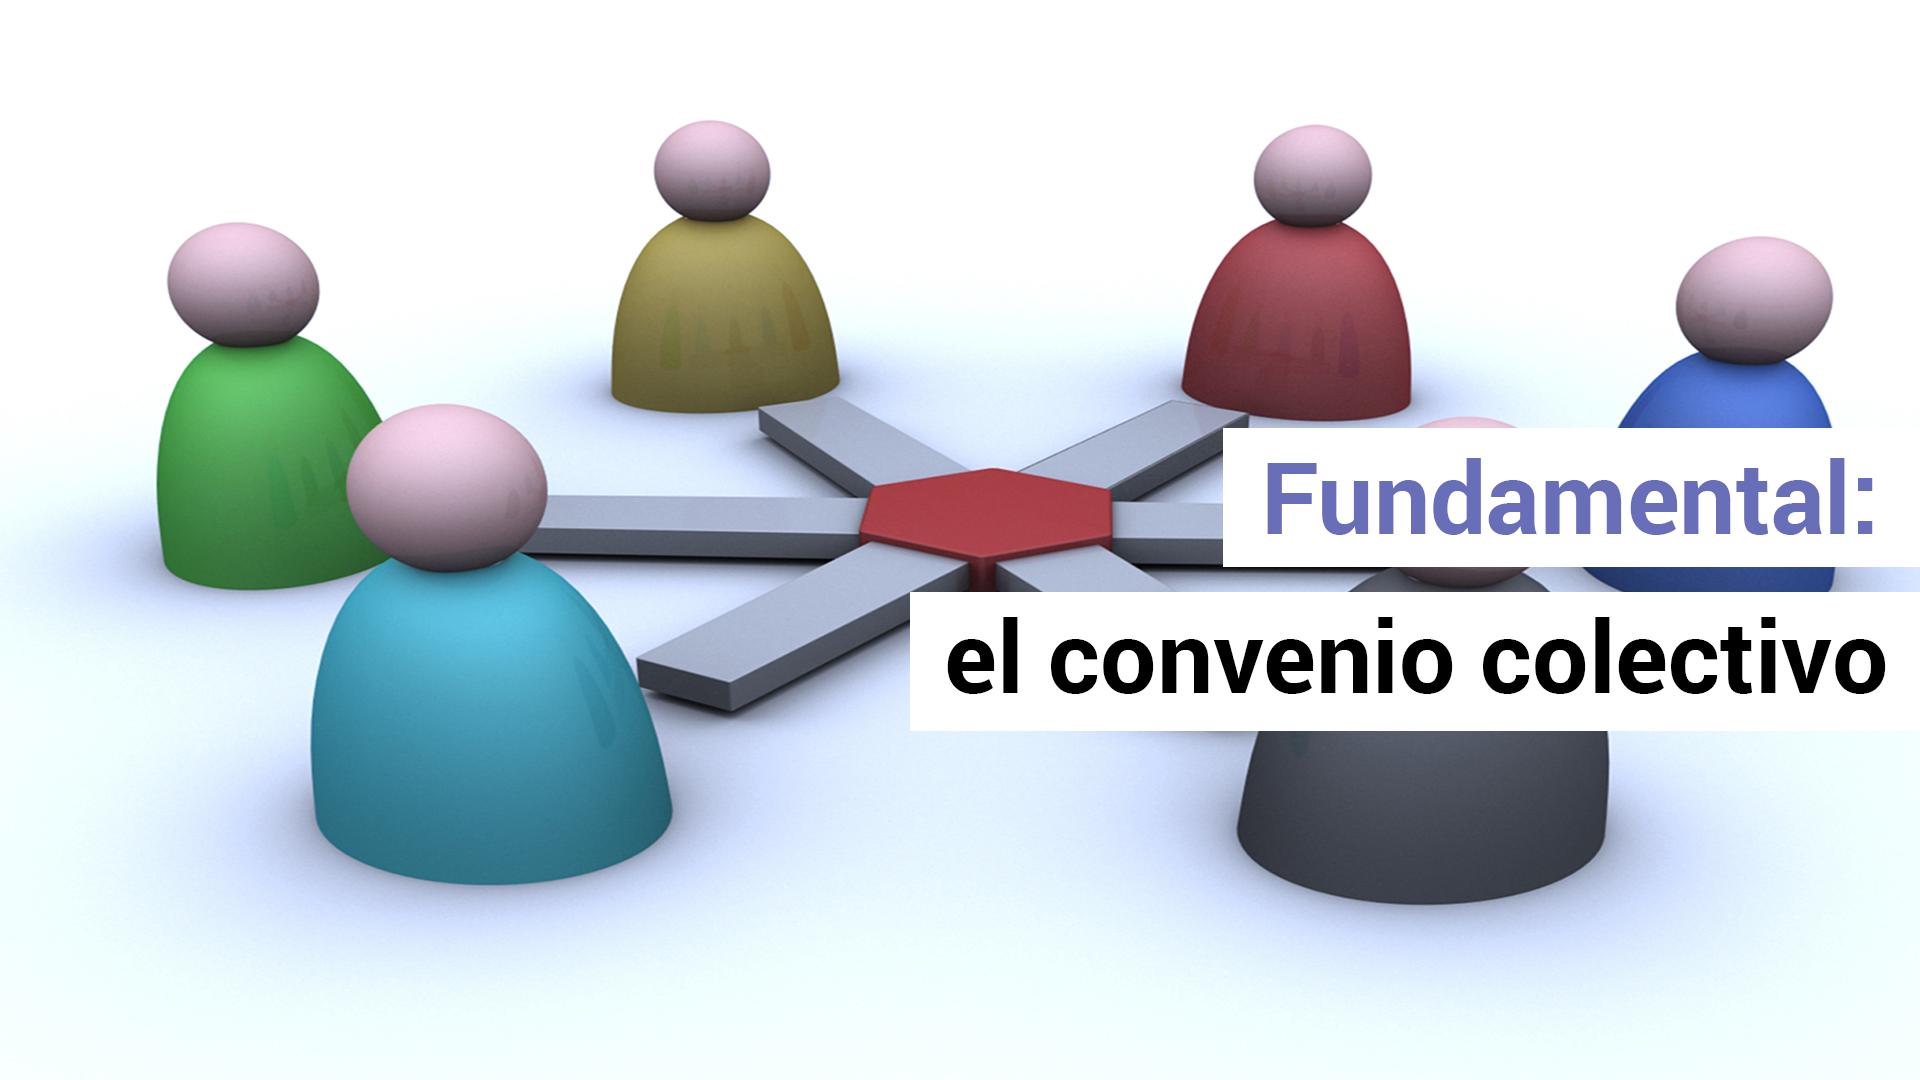 La importancia de encuadrarse en el convenio colectivo correcto